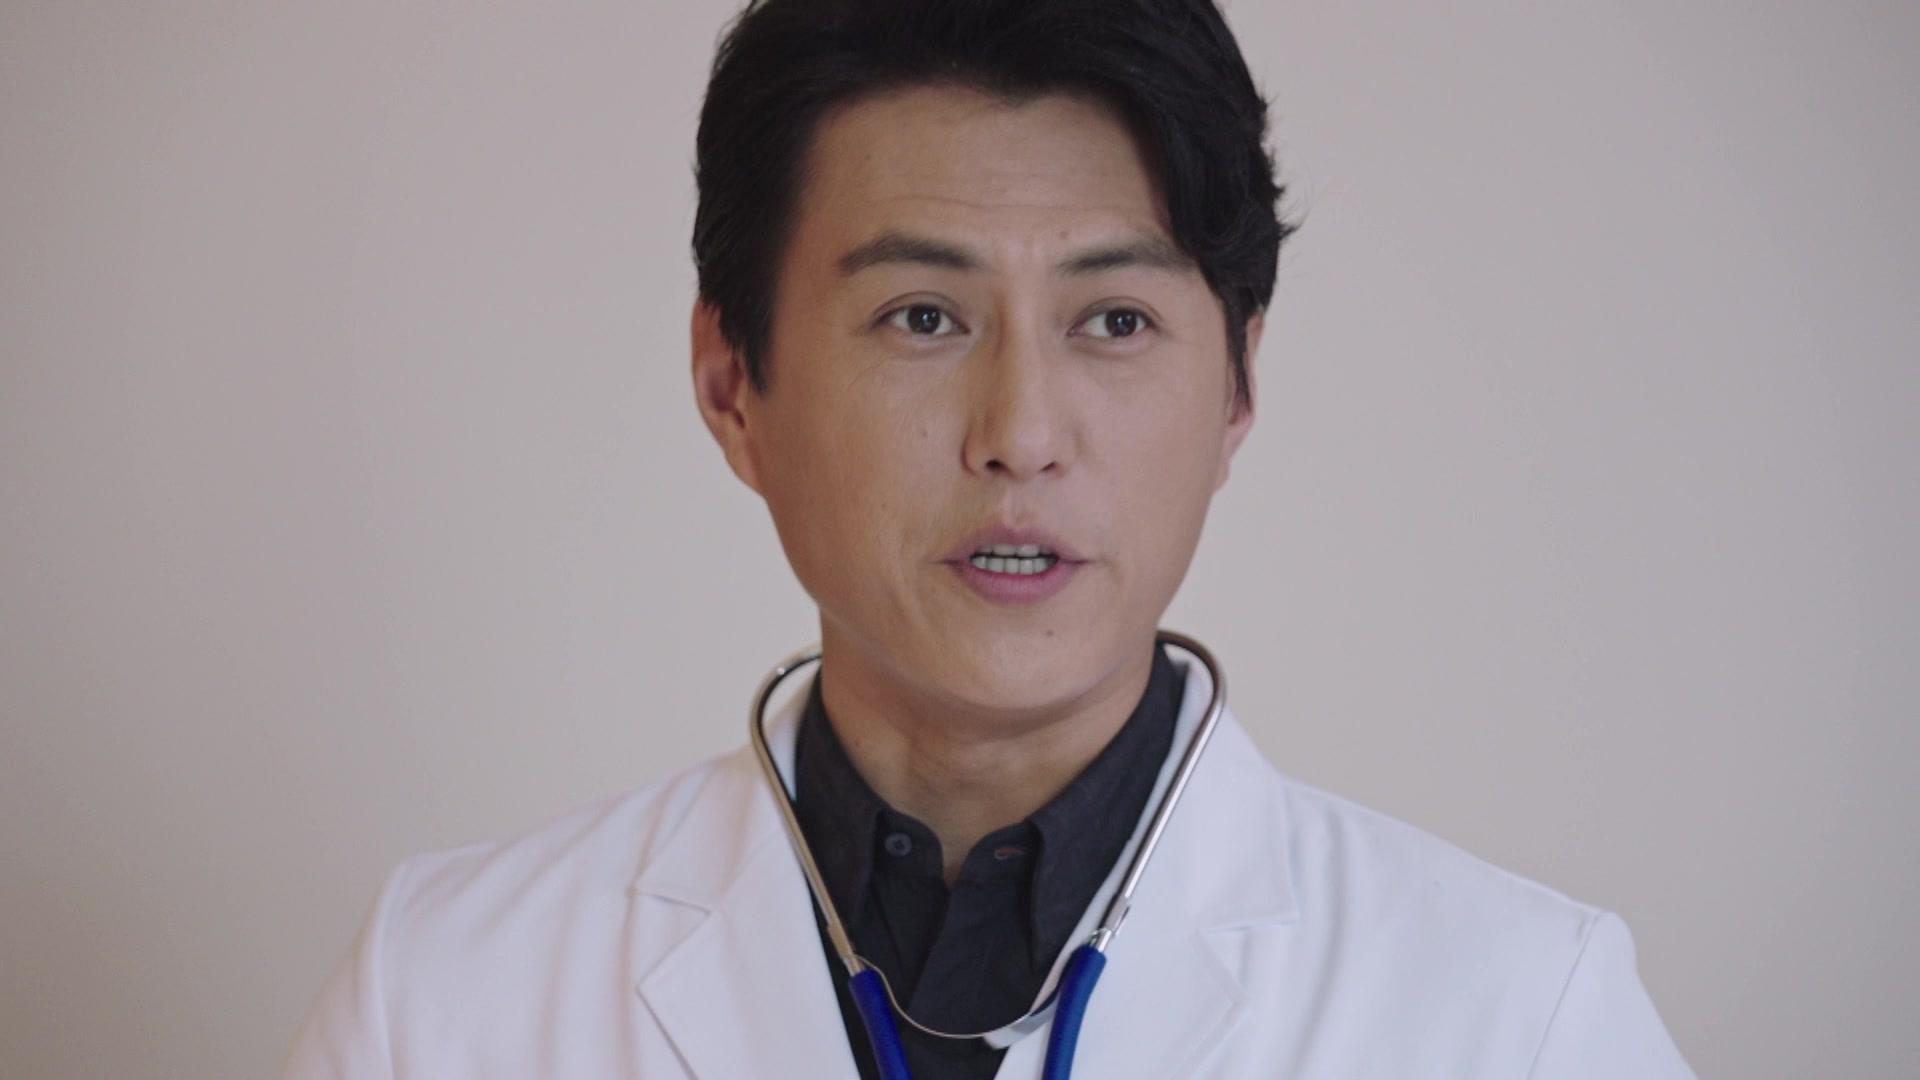 Surgeons Episode 40 - 外科风云 - Watch Full Episodes Free - China - TV Shows - Rakuten Viki